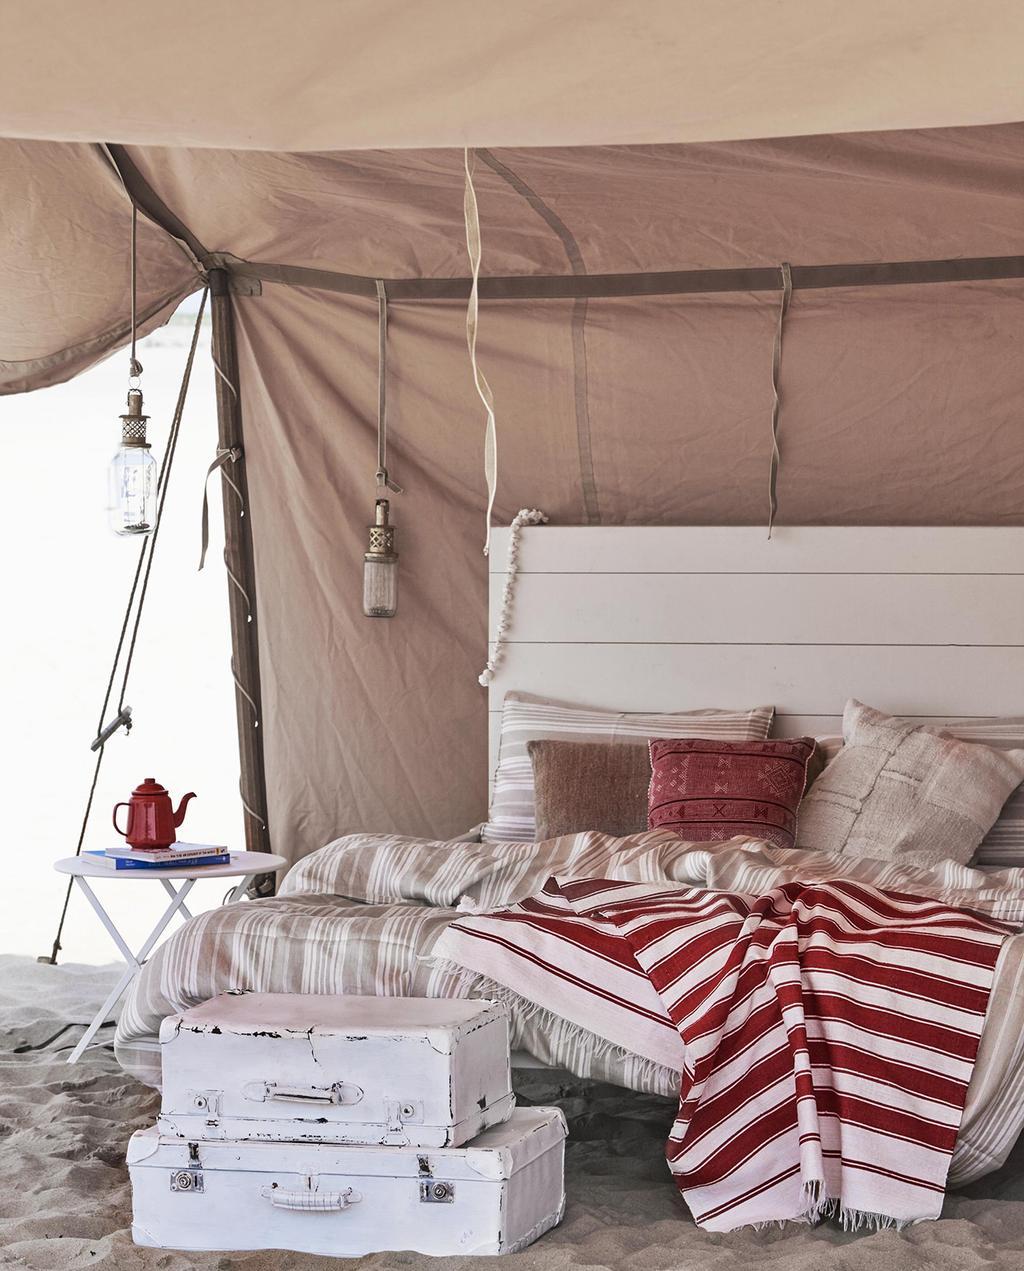 vtwonen 08-2016 | strandtent met bed en witte koffers